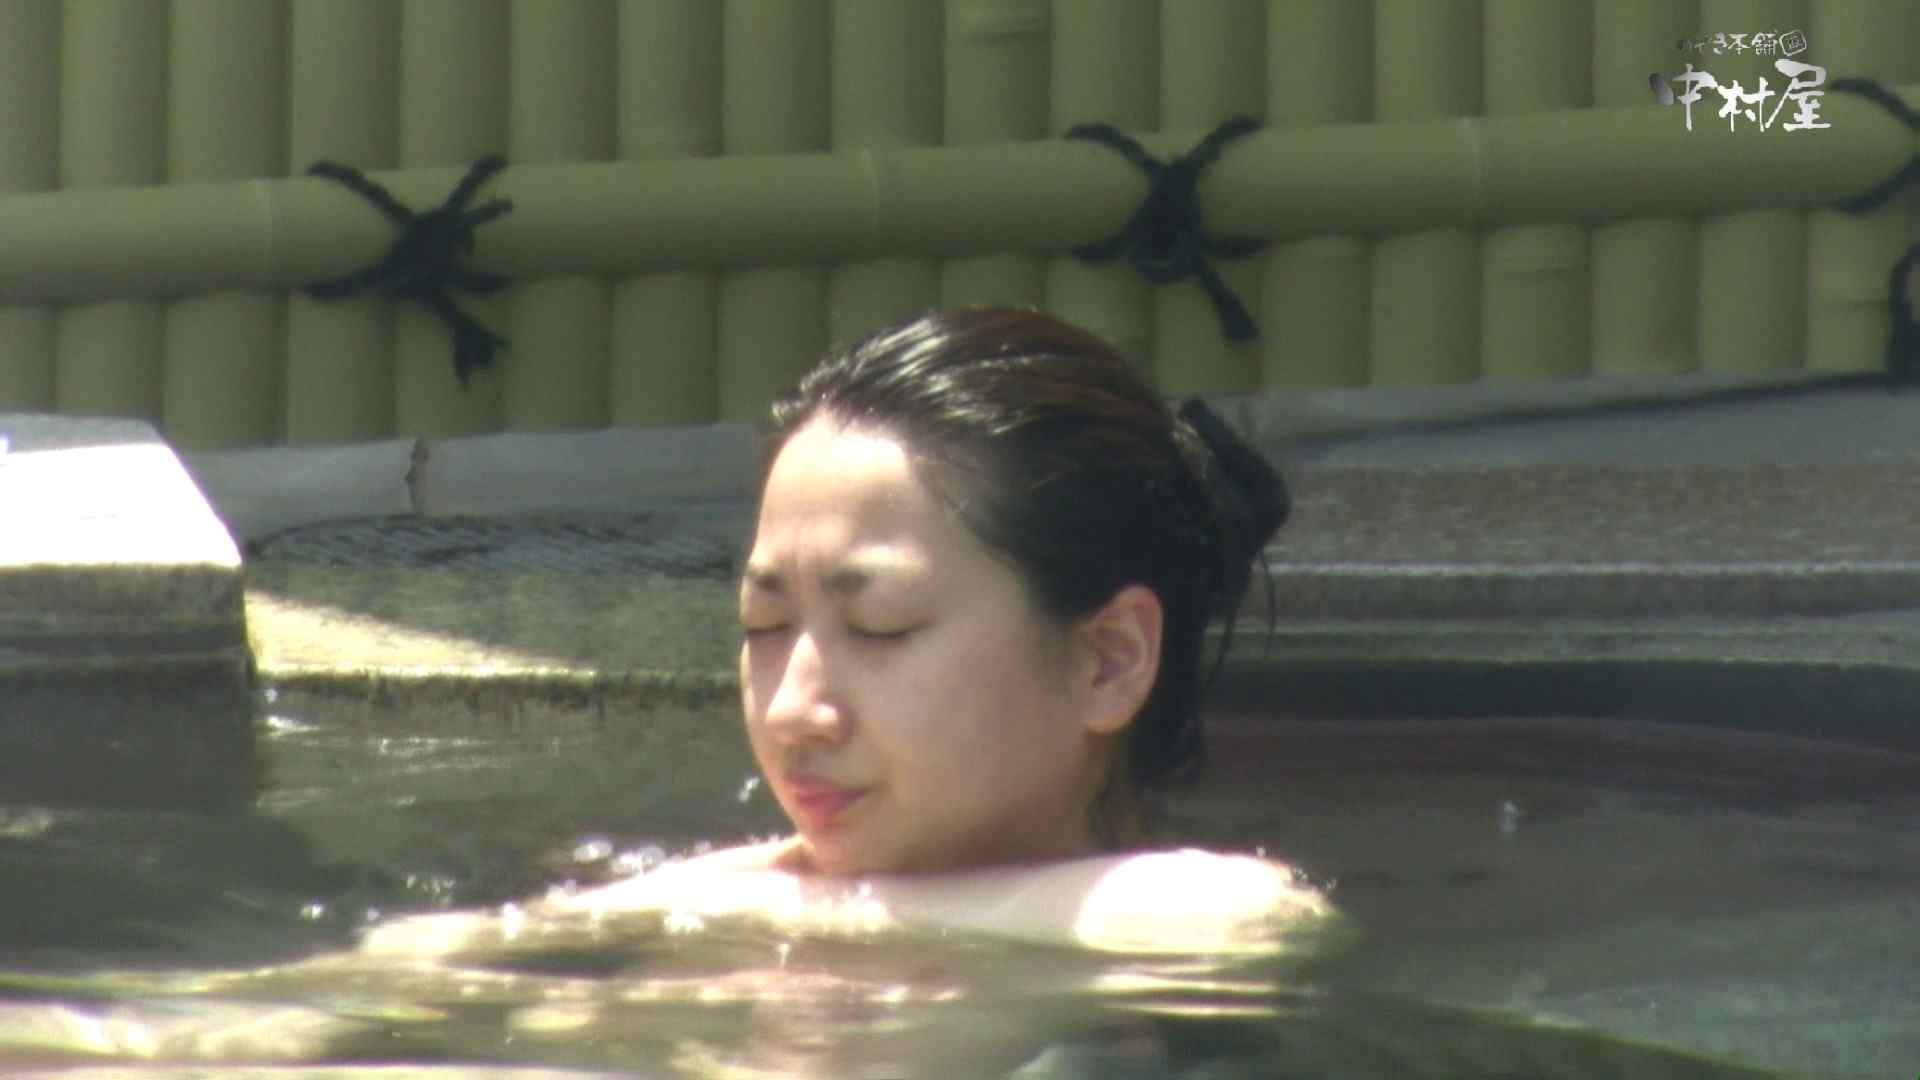 Aquaな露天風呂Vol.888 いやらしいOL オマンコ動画キャプチャ 85連発 47